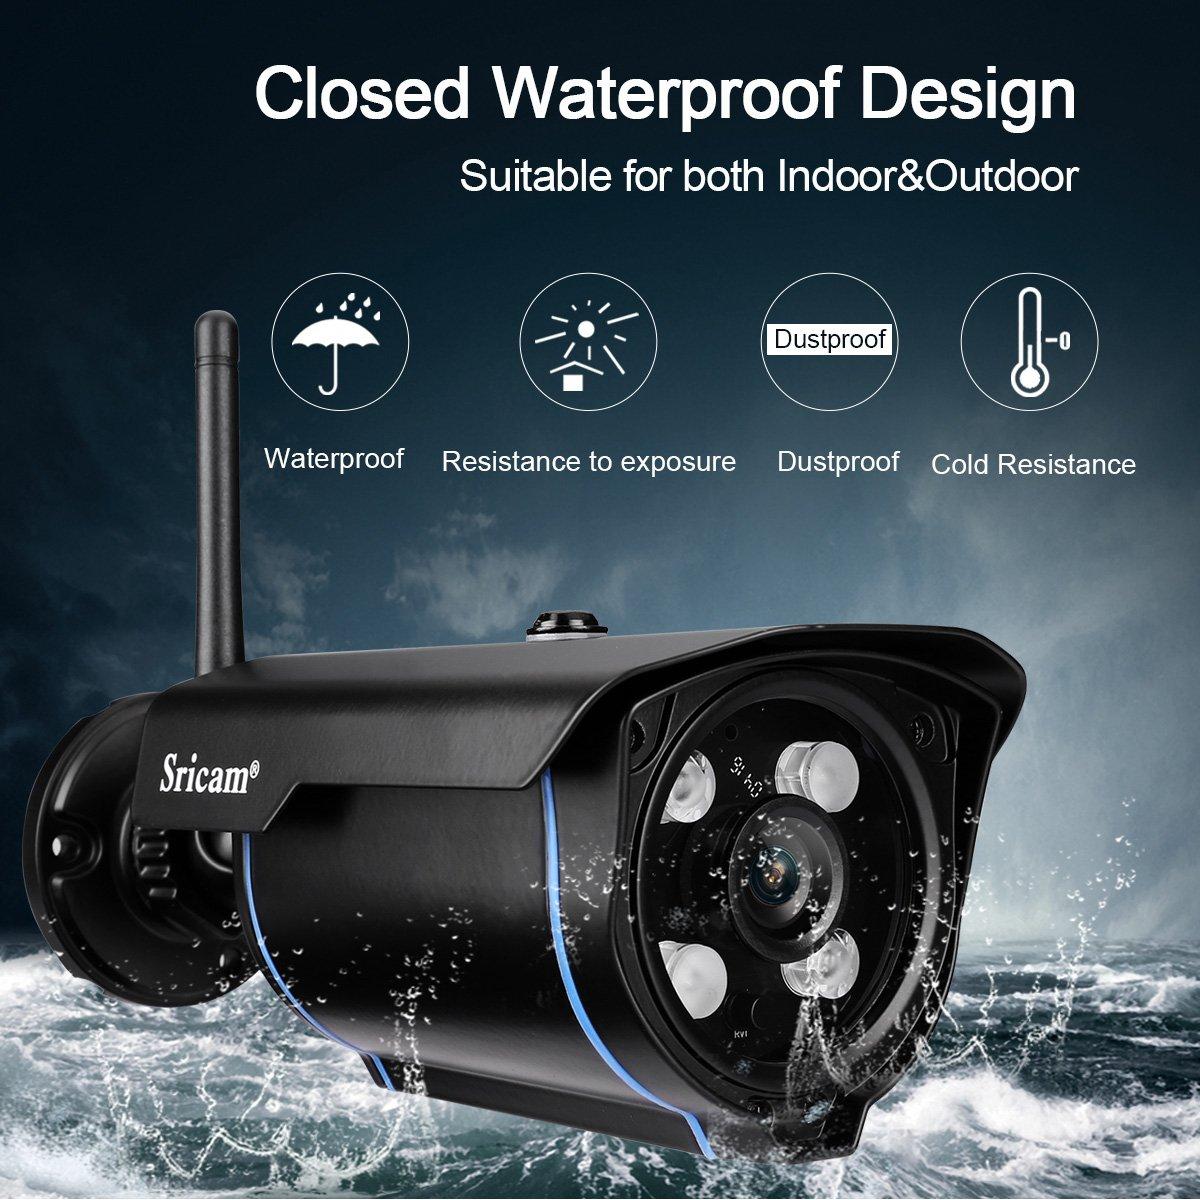 Sricam Cámara IP de seguridad Viginancia inalámbrica 720P ONVIF ,CCTV, P2P, detección de movimiento, visión nocturna,1.0 megapíxeles, expansión de memoria hasta 128G, negro, SP007